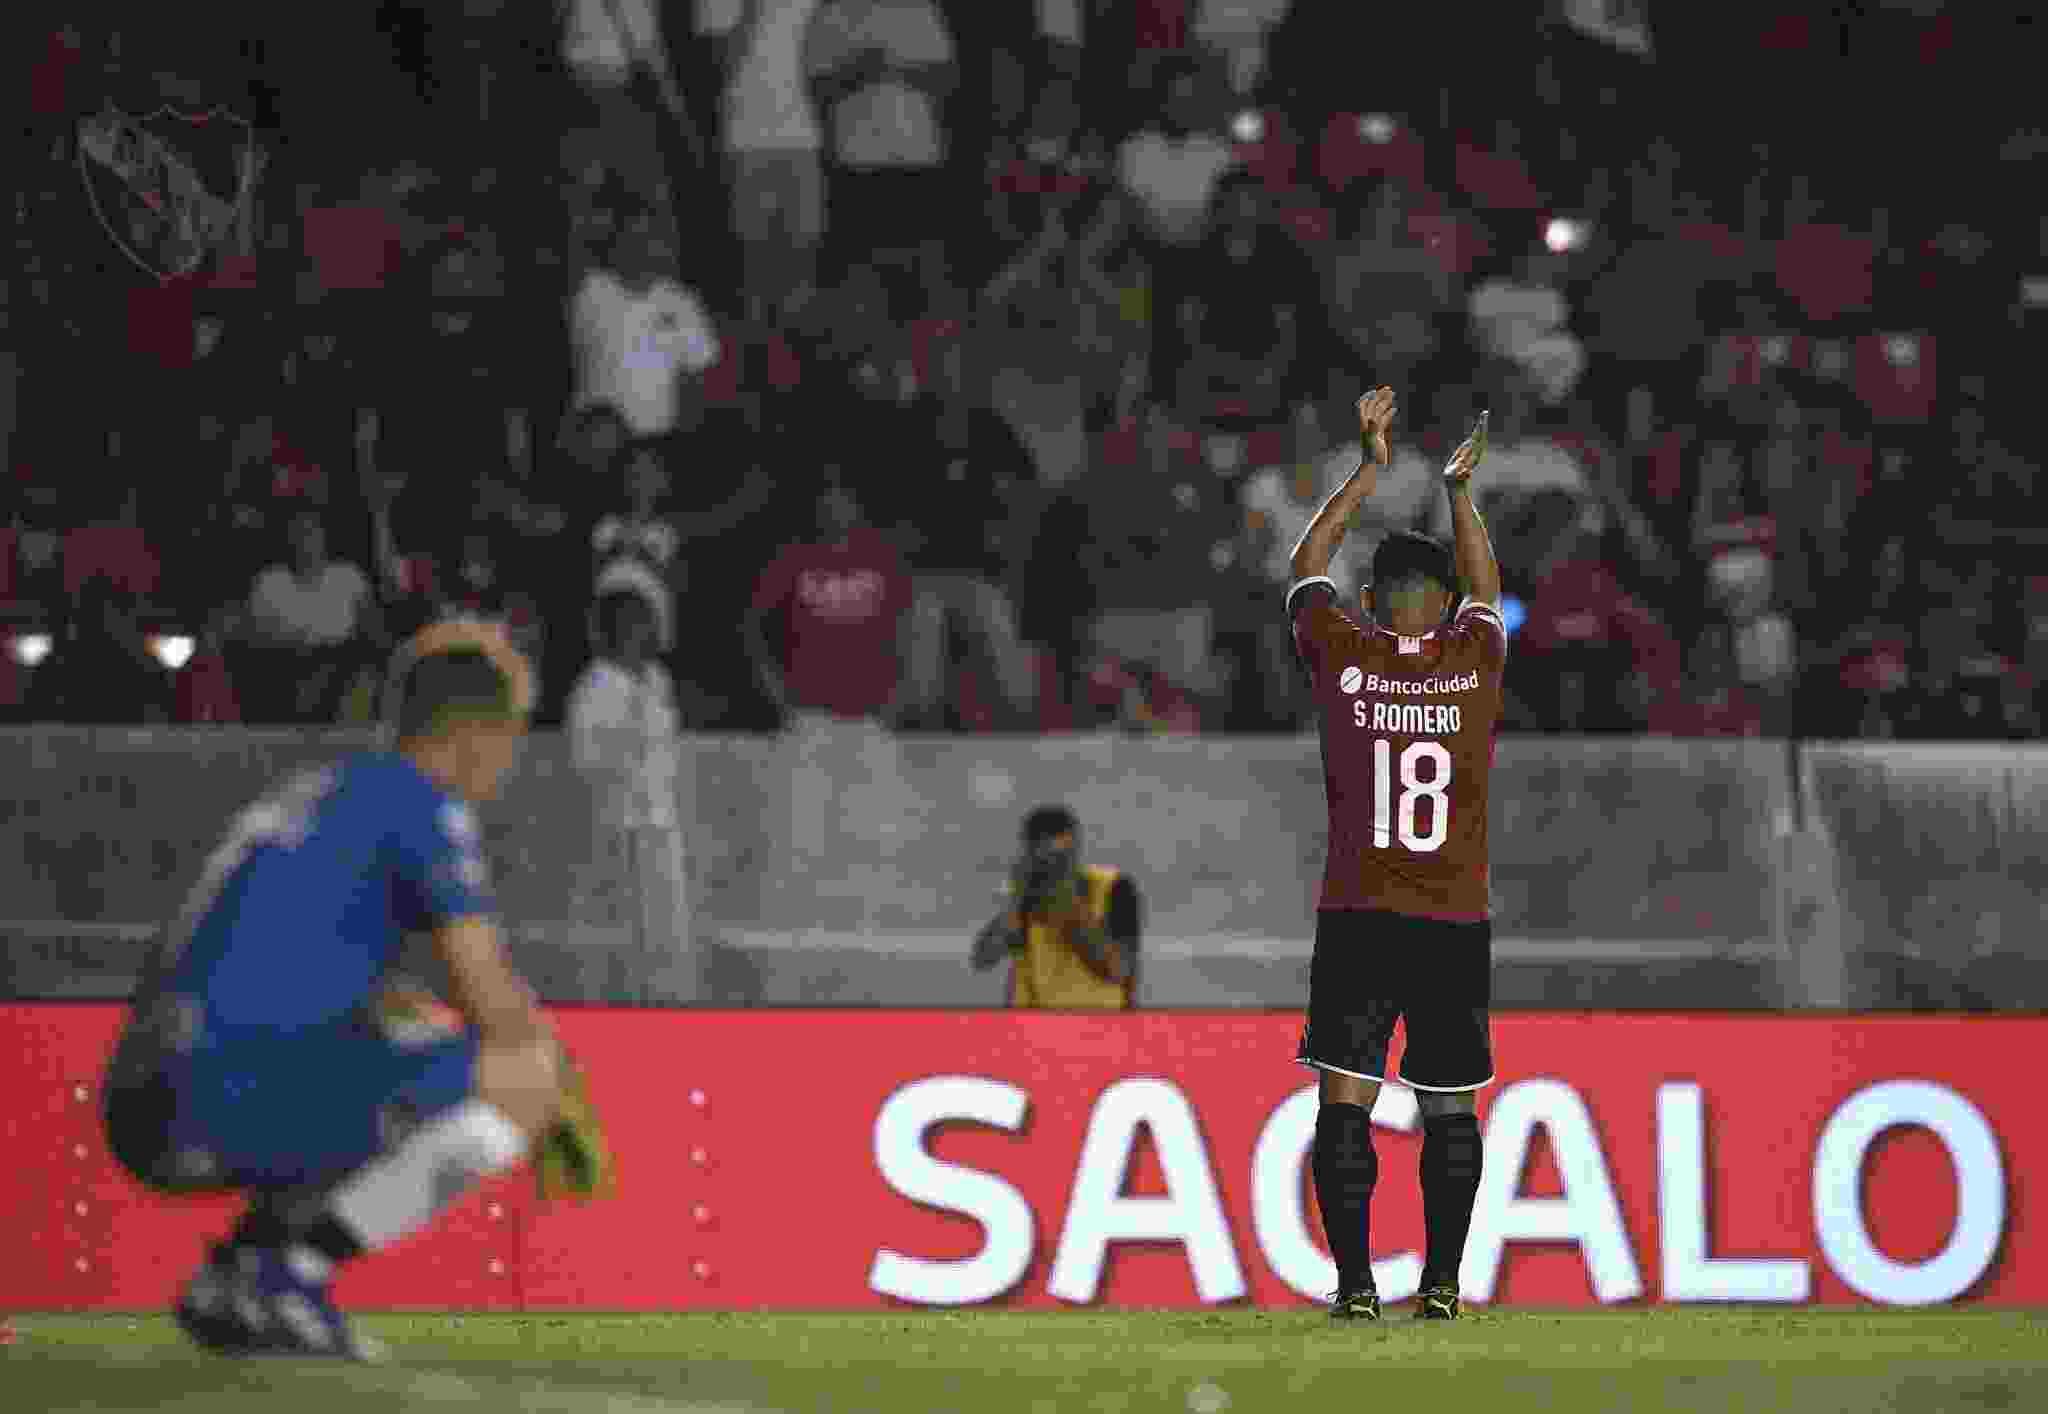 Cuándo fue el último partido con público en la cancha de Independiente